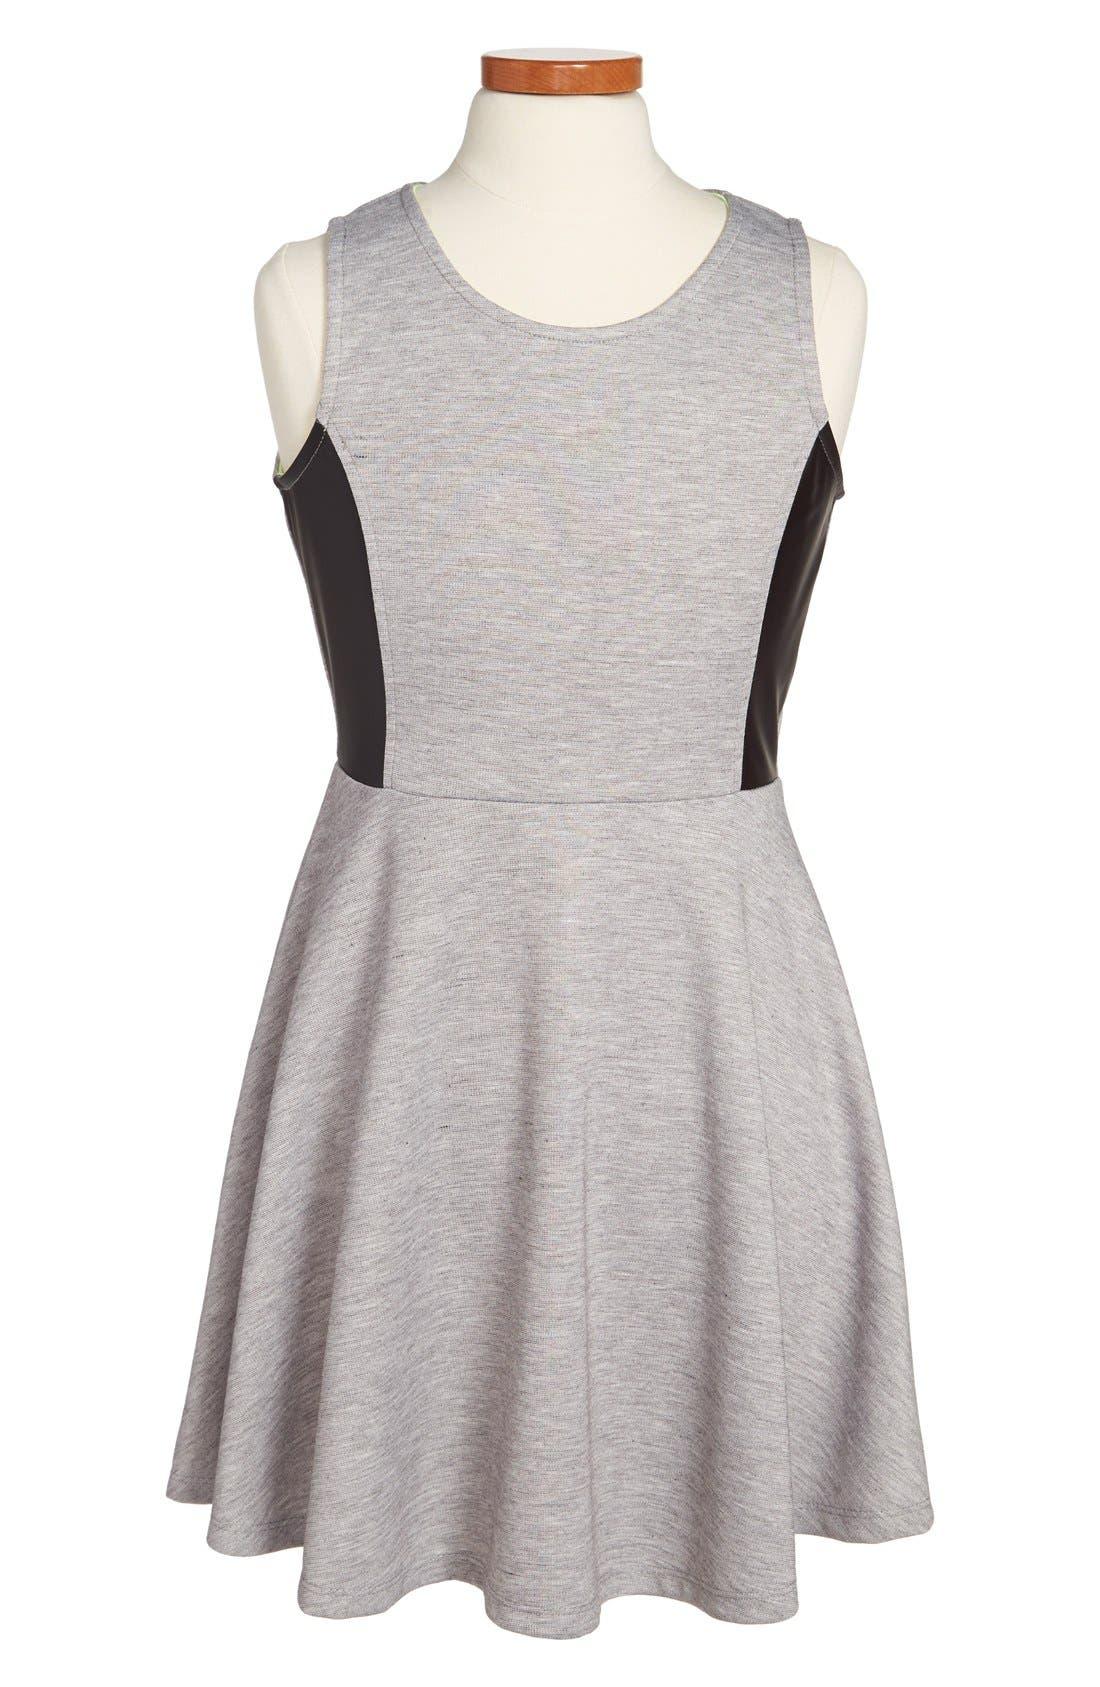 Alternate Image 1 Selected - W Girl Sleeveless Skater Dress (Big Girls)